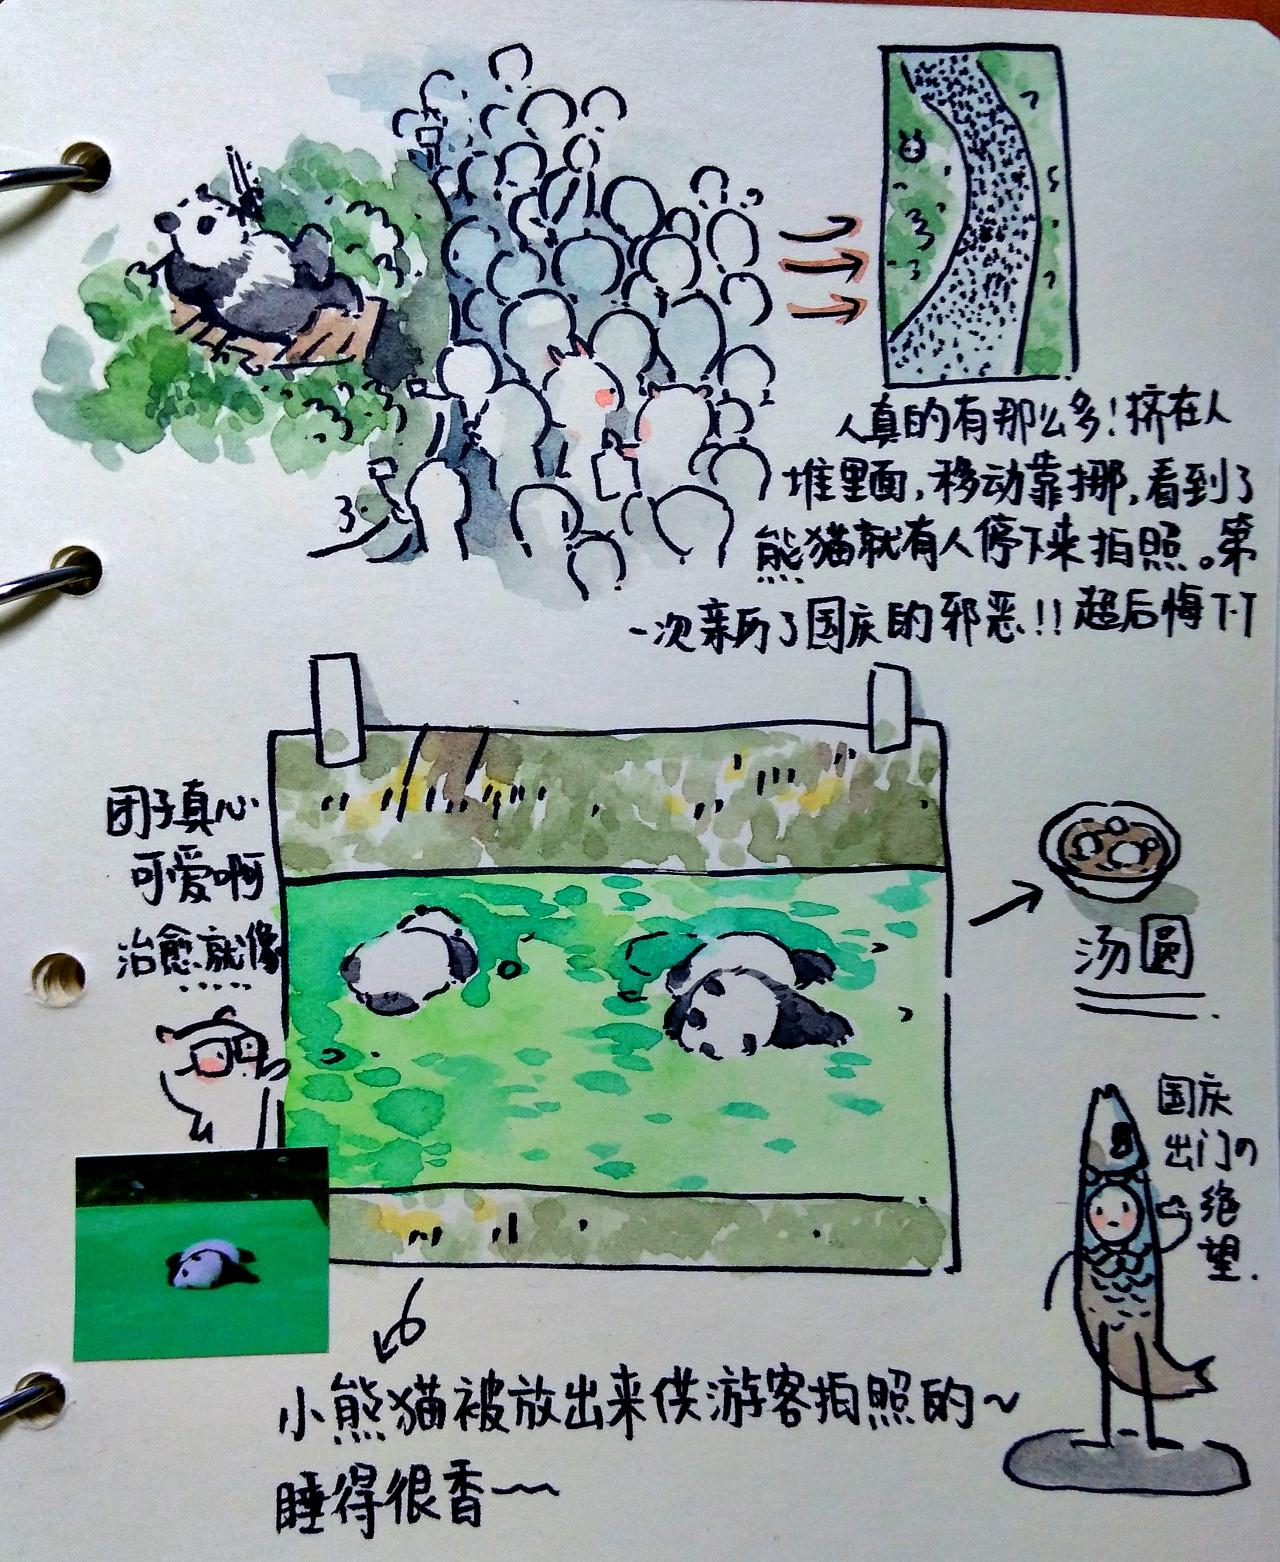 国庆节日记_国庆节日记100字,200字,300字_关于国庆节的日记